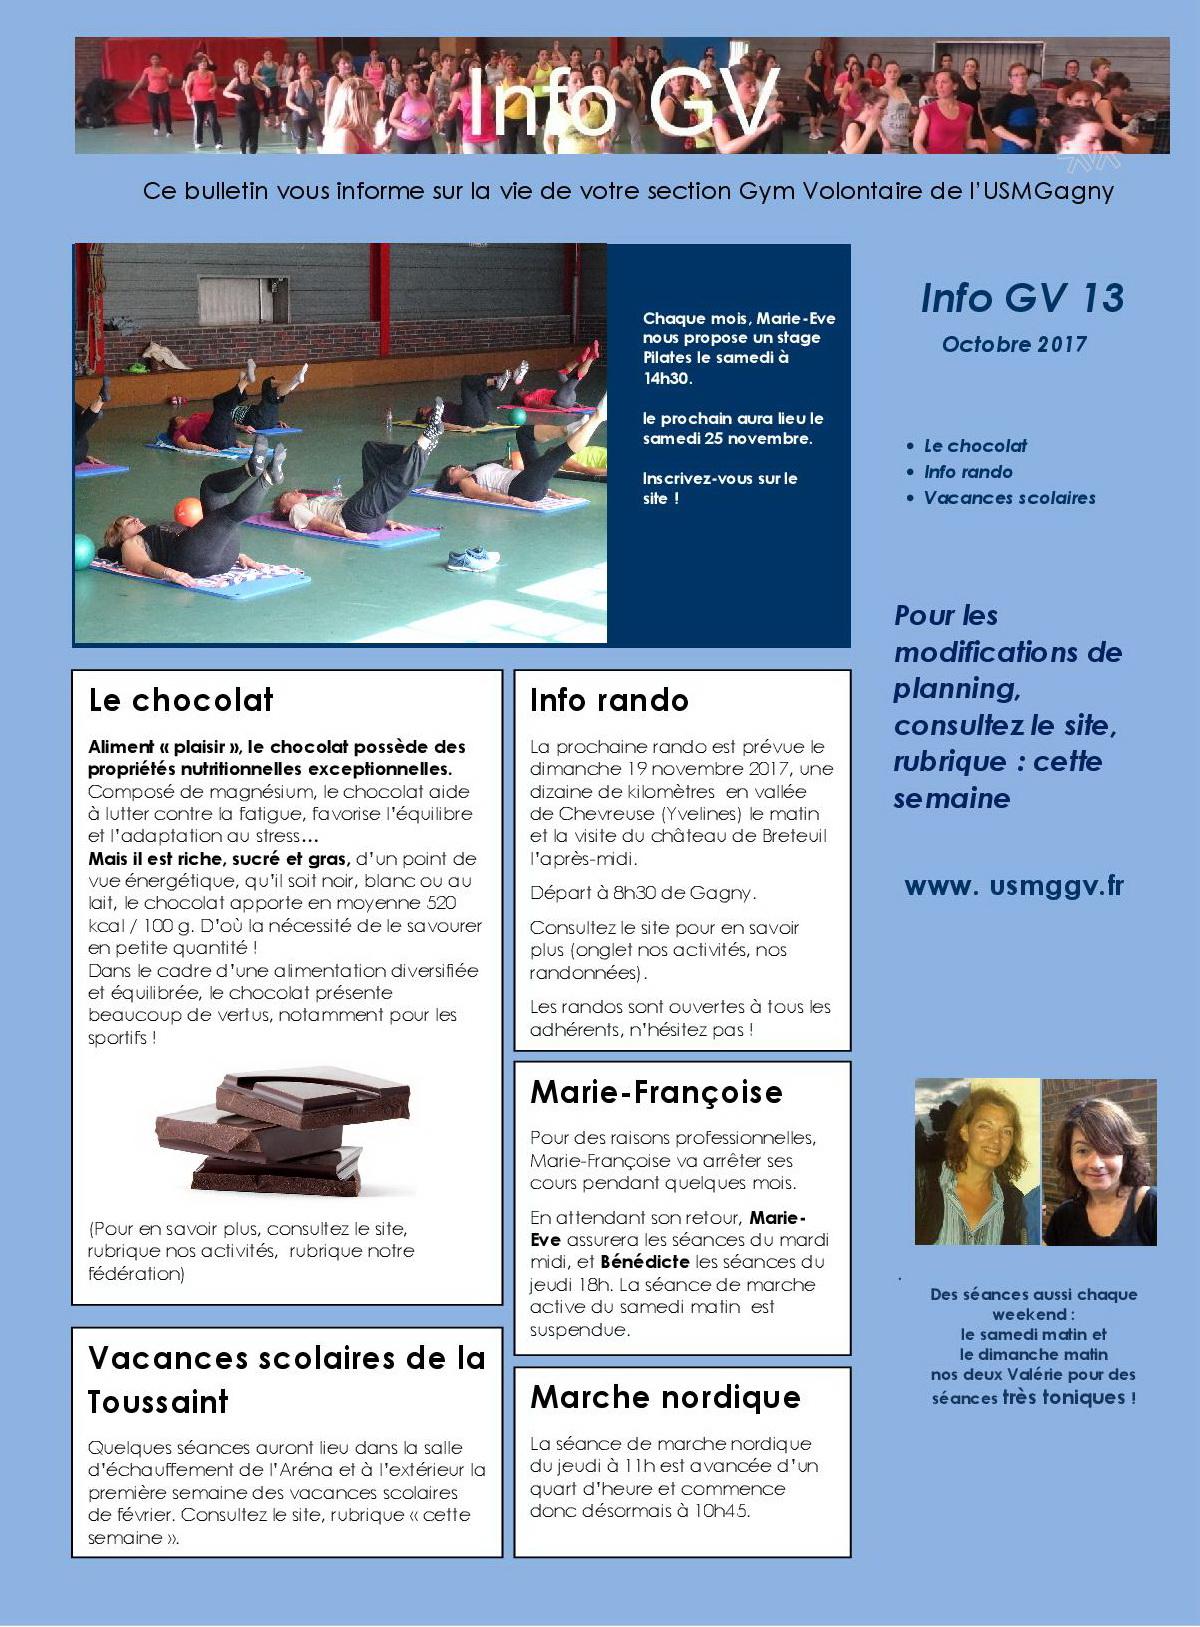 Info gv 13